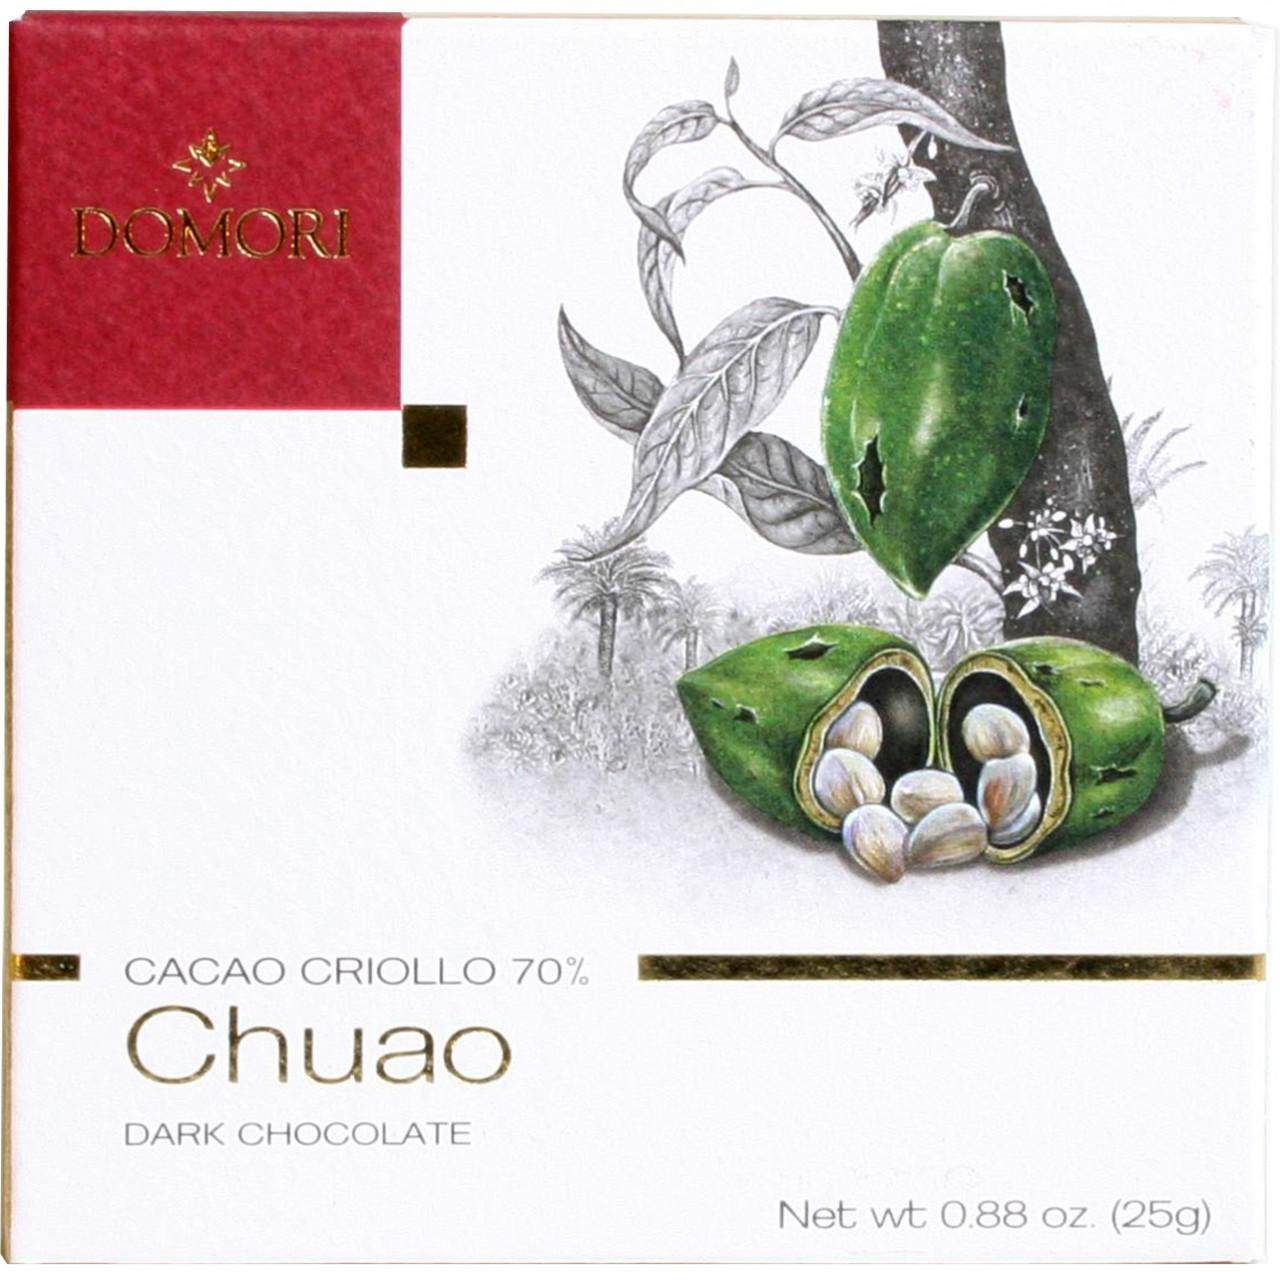 Gianluca Franzoni, Mack Domori, Criollo, Venezuela, dark chocolate, chocolat noir, Chuao, Single Origin, Herkunftsschokolade